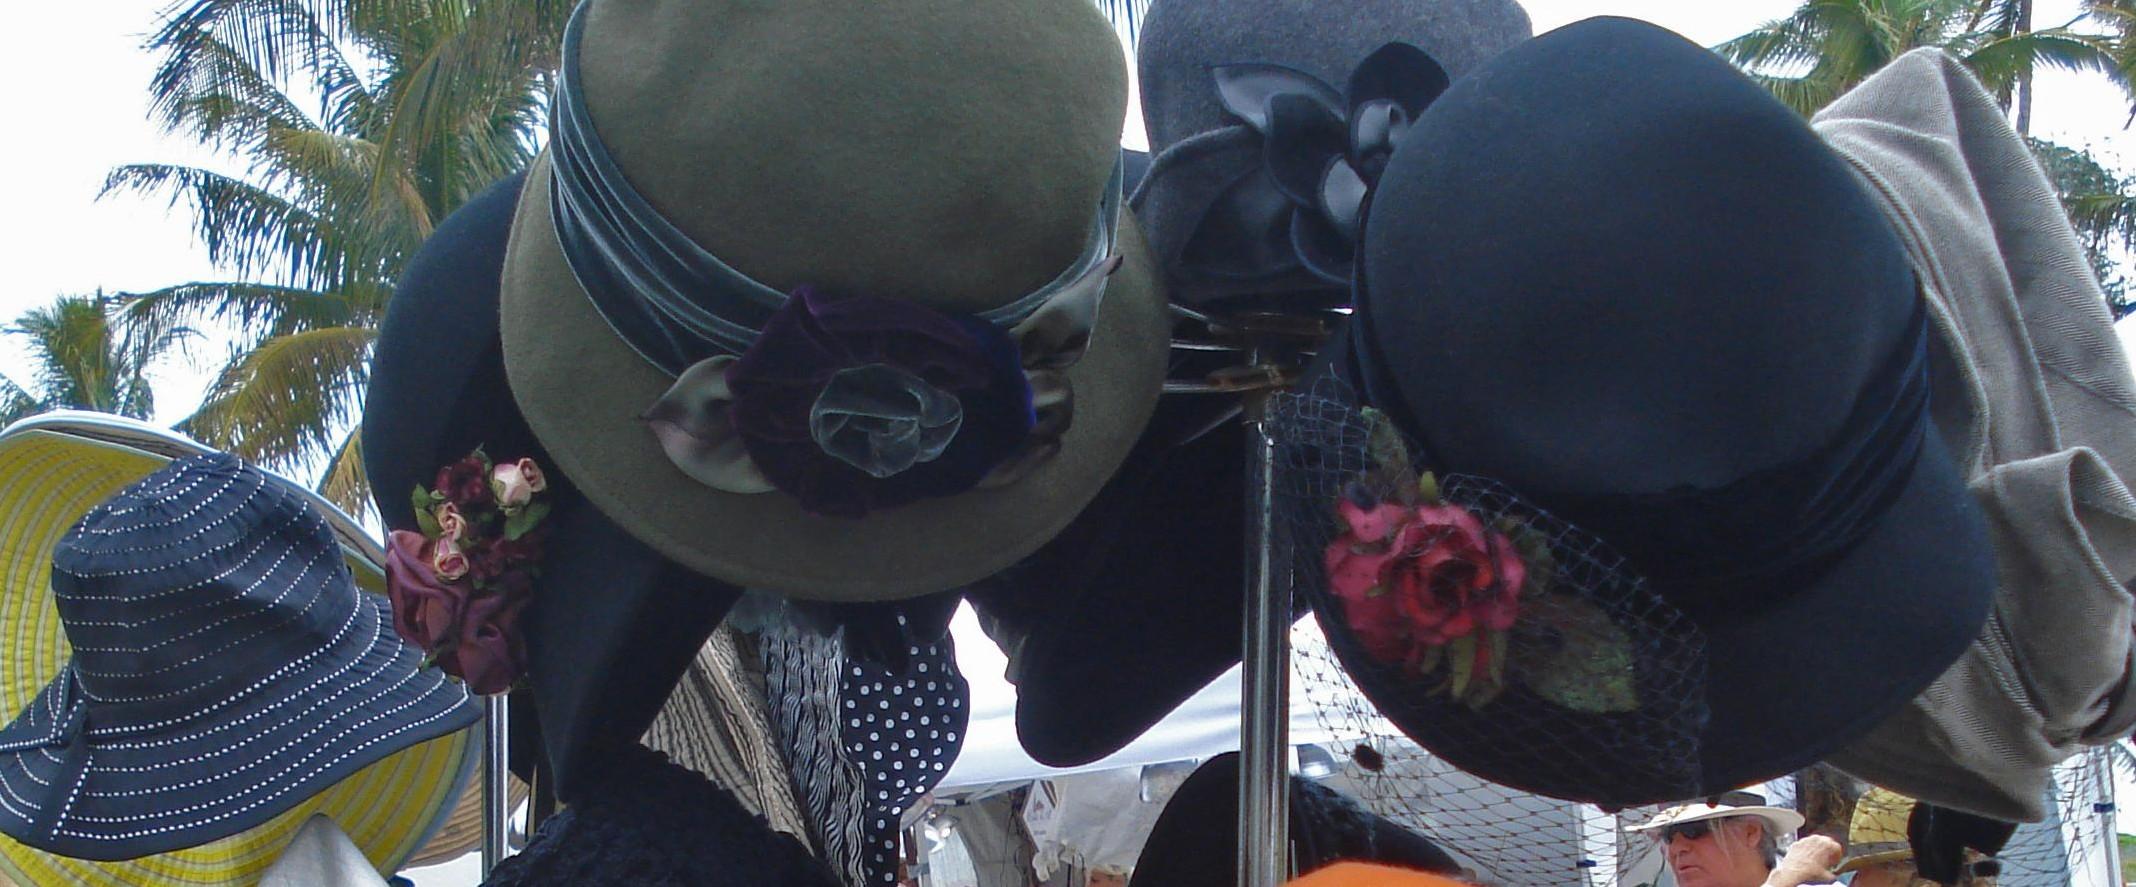 hats-on-flea-matket-3